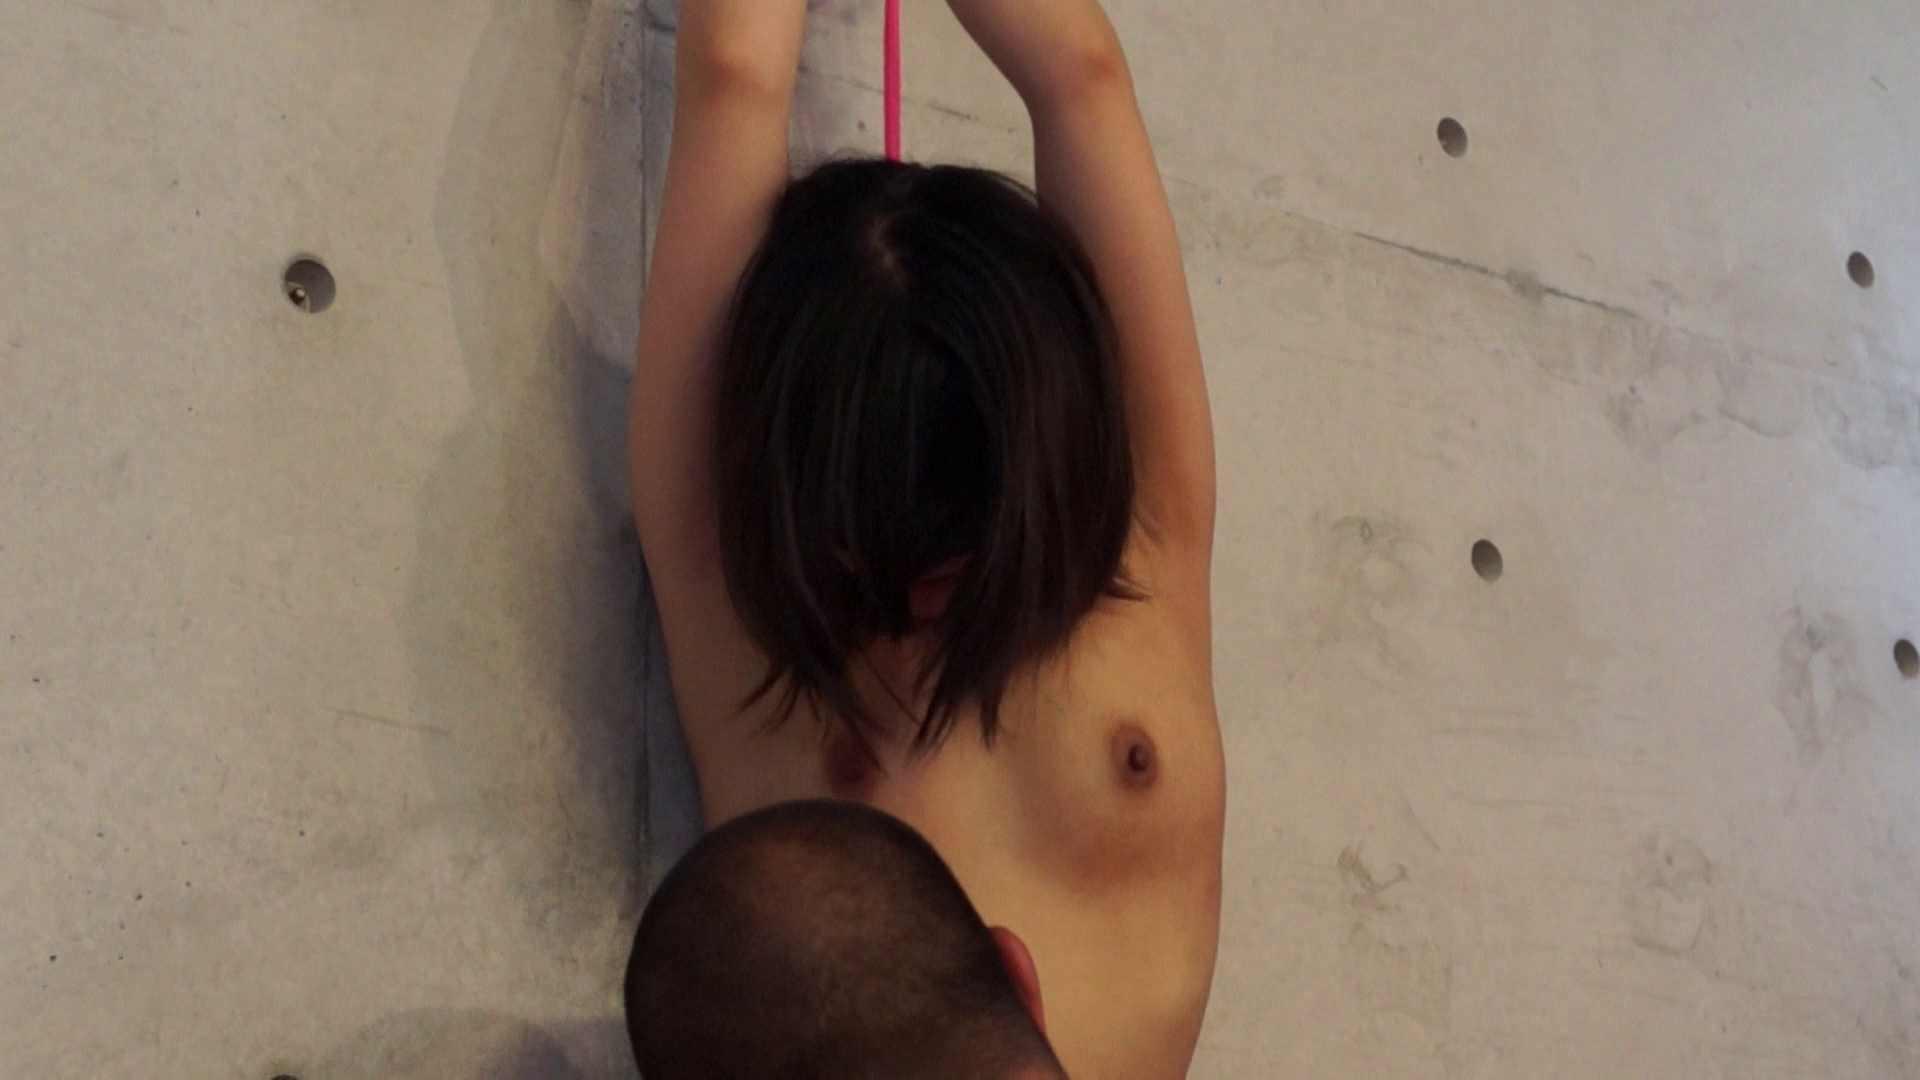 vol.28 留華ちゃんのアソコの濡れ具合をチェック! 顔出しNG一般女性   OLのエッチ  110pic 55